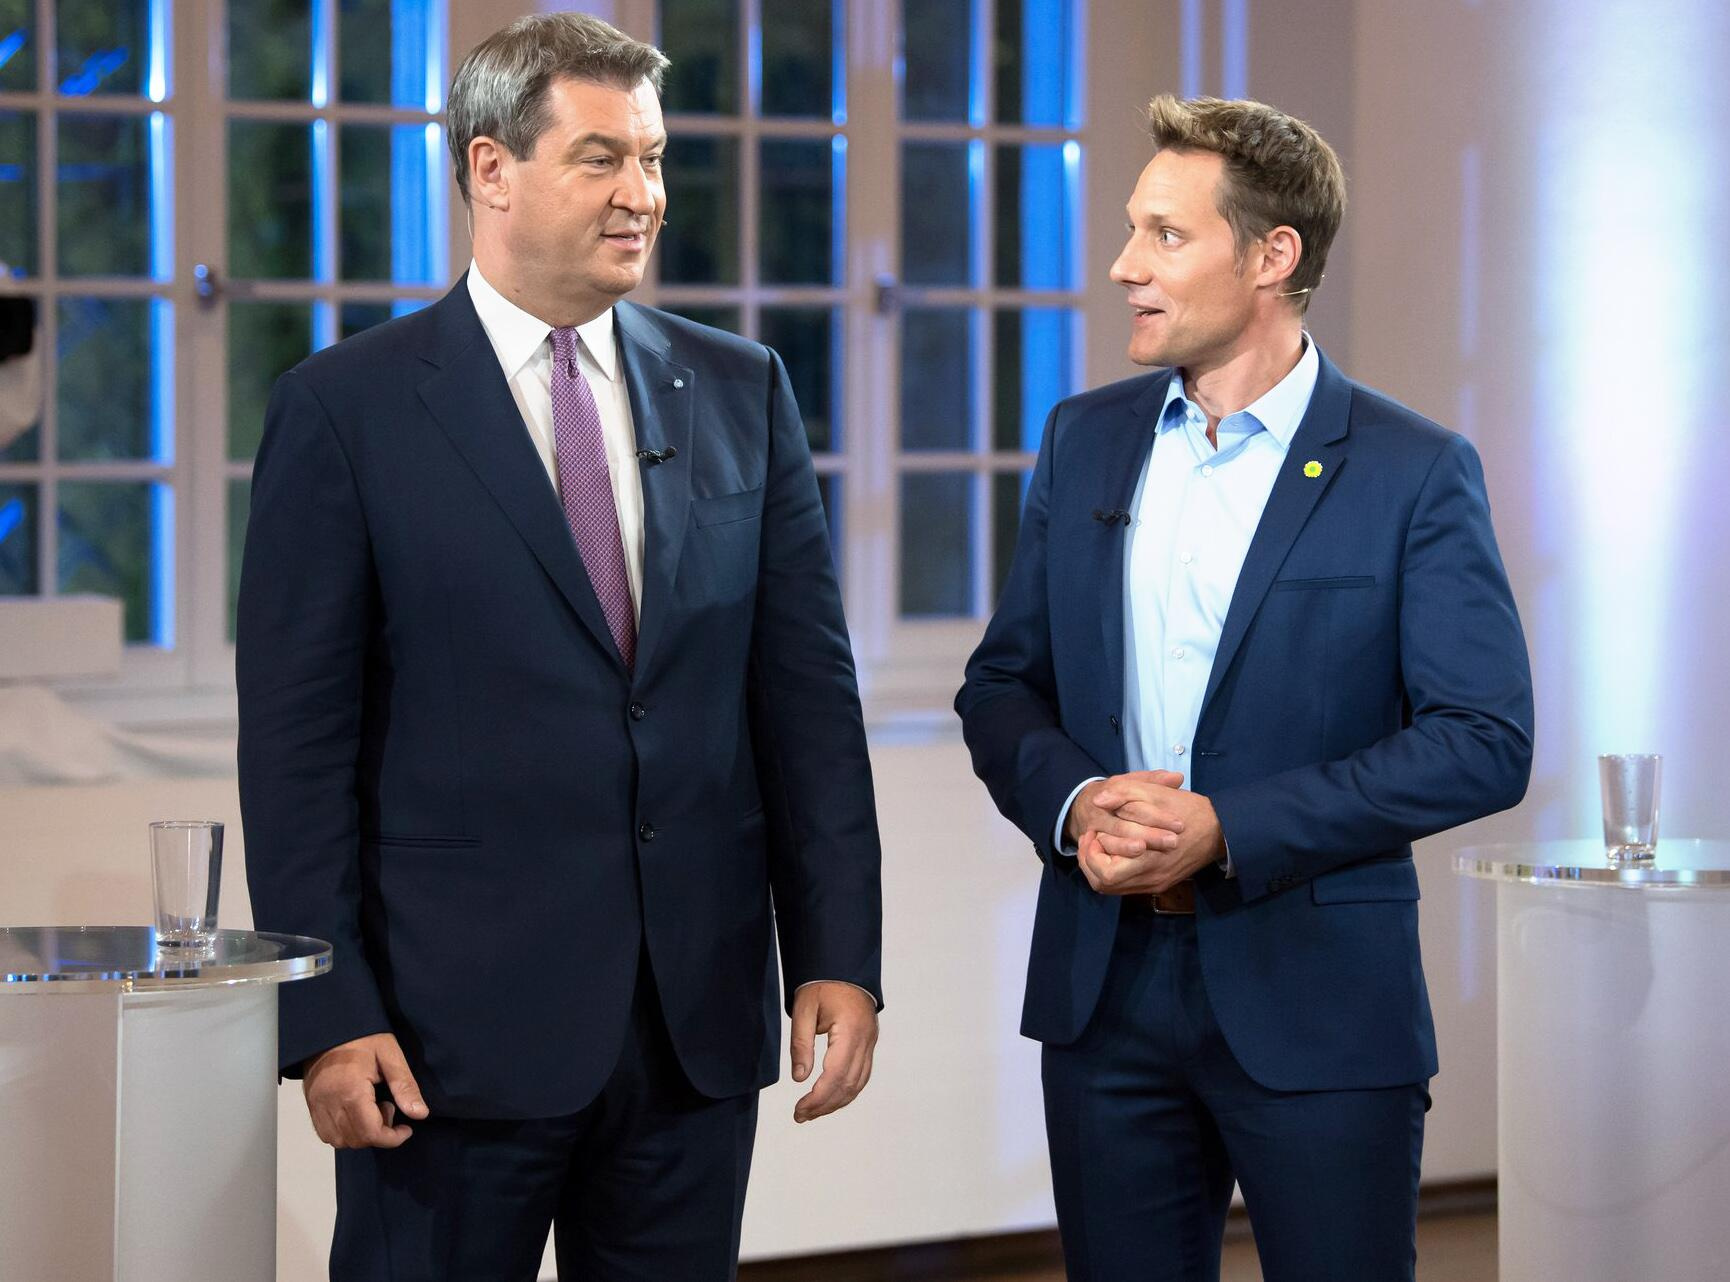 Bild zu TV-Duell zur Landtagswahl, Markus Söder, Ludwig Hartmann